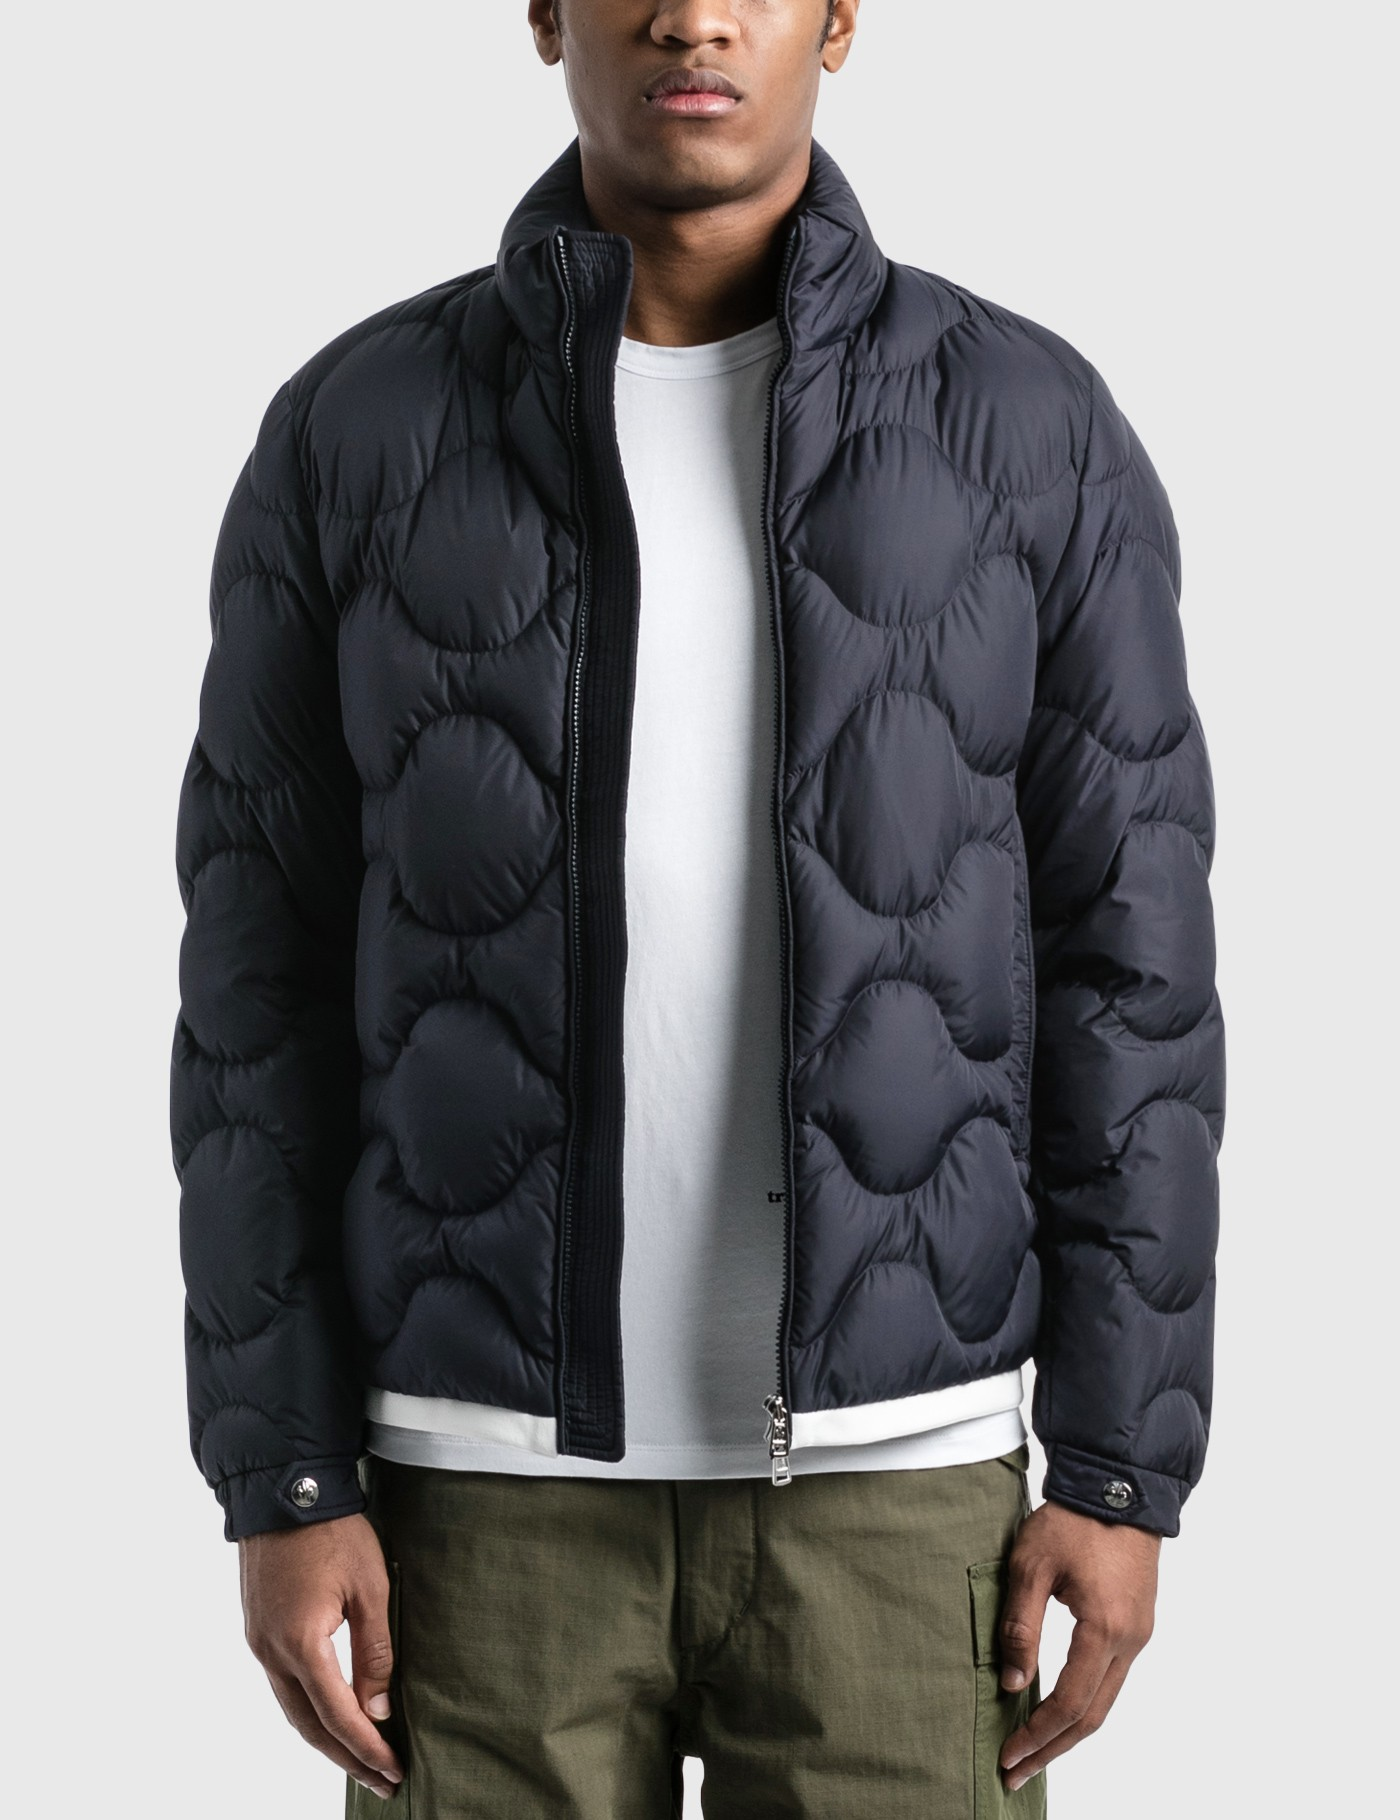 몽클레어 맨 숏패딩 Moncler Taschhorn Jacket